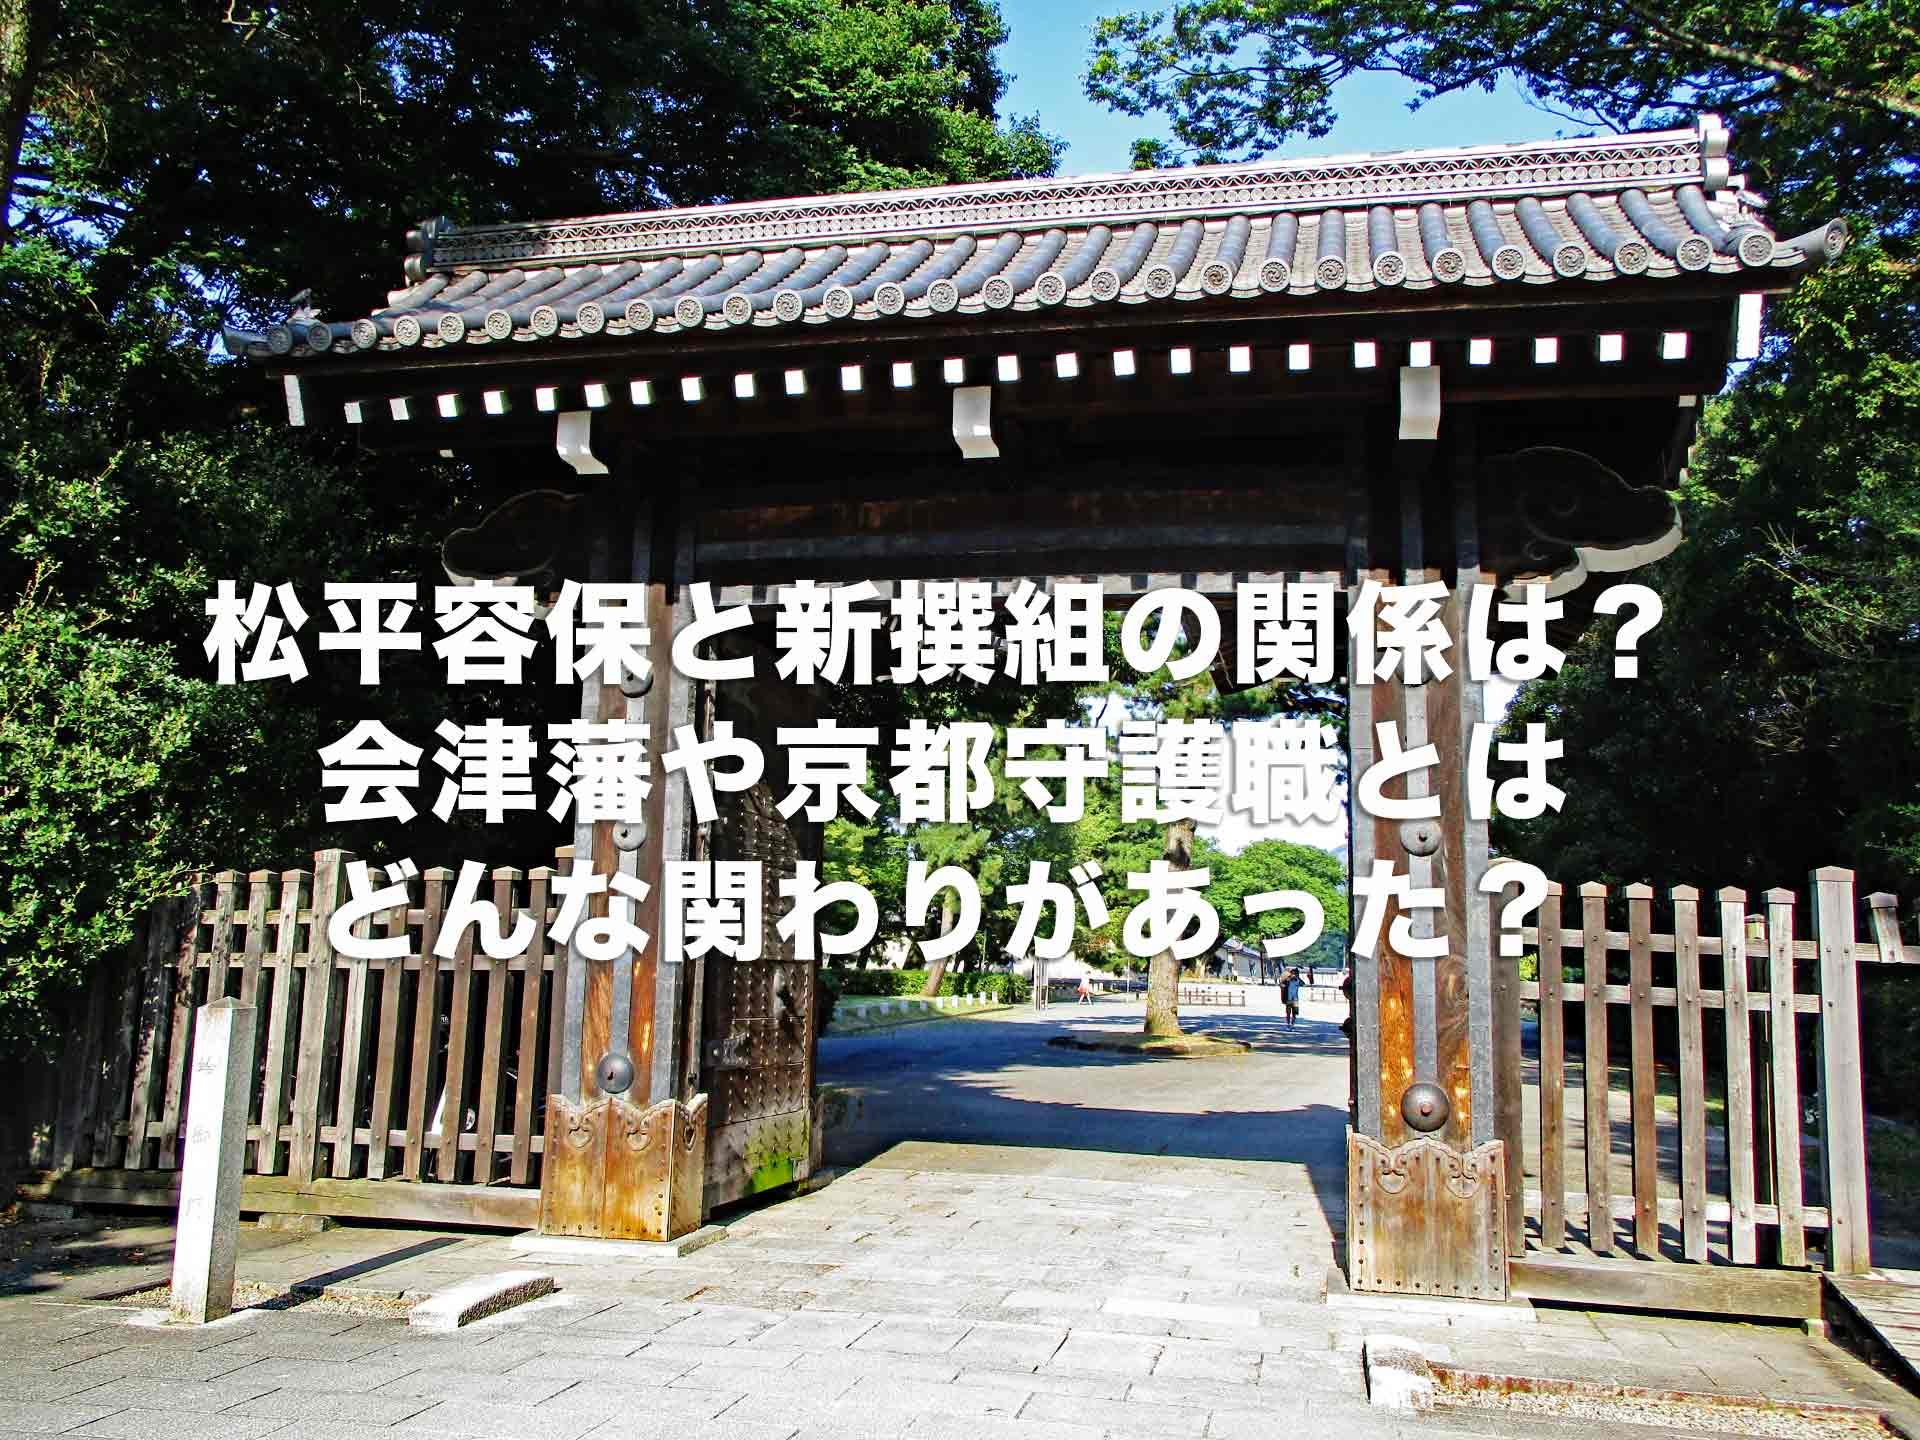 松平容保と新撰組の関係は?会津藩や京都守護職とはどんな関わりがあった?